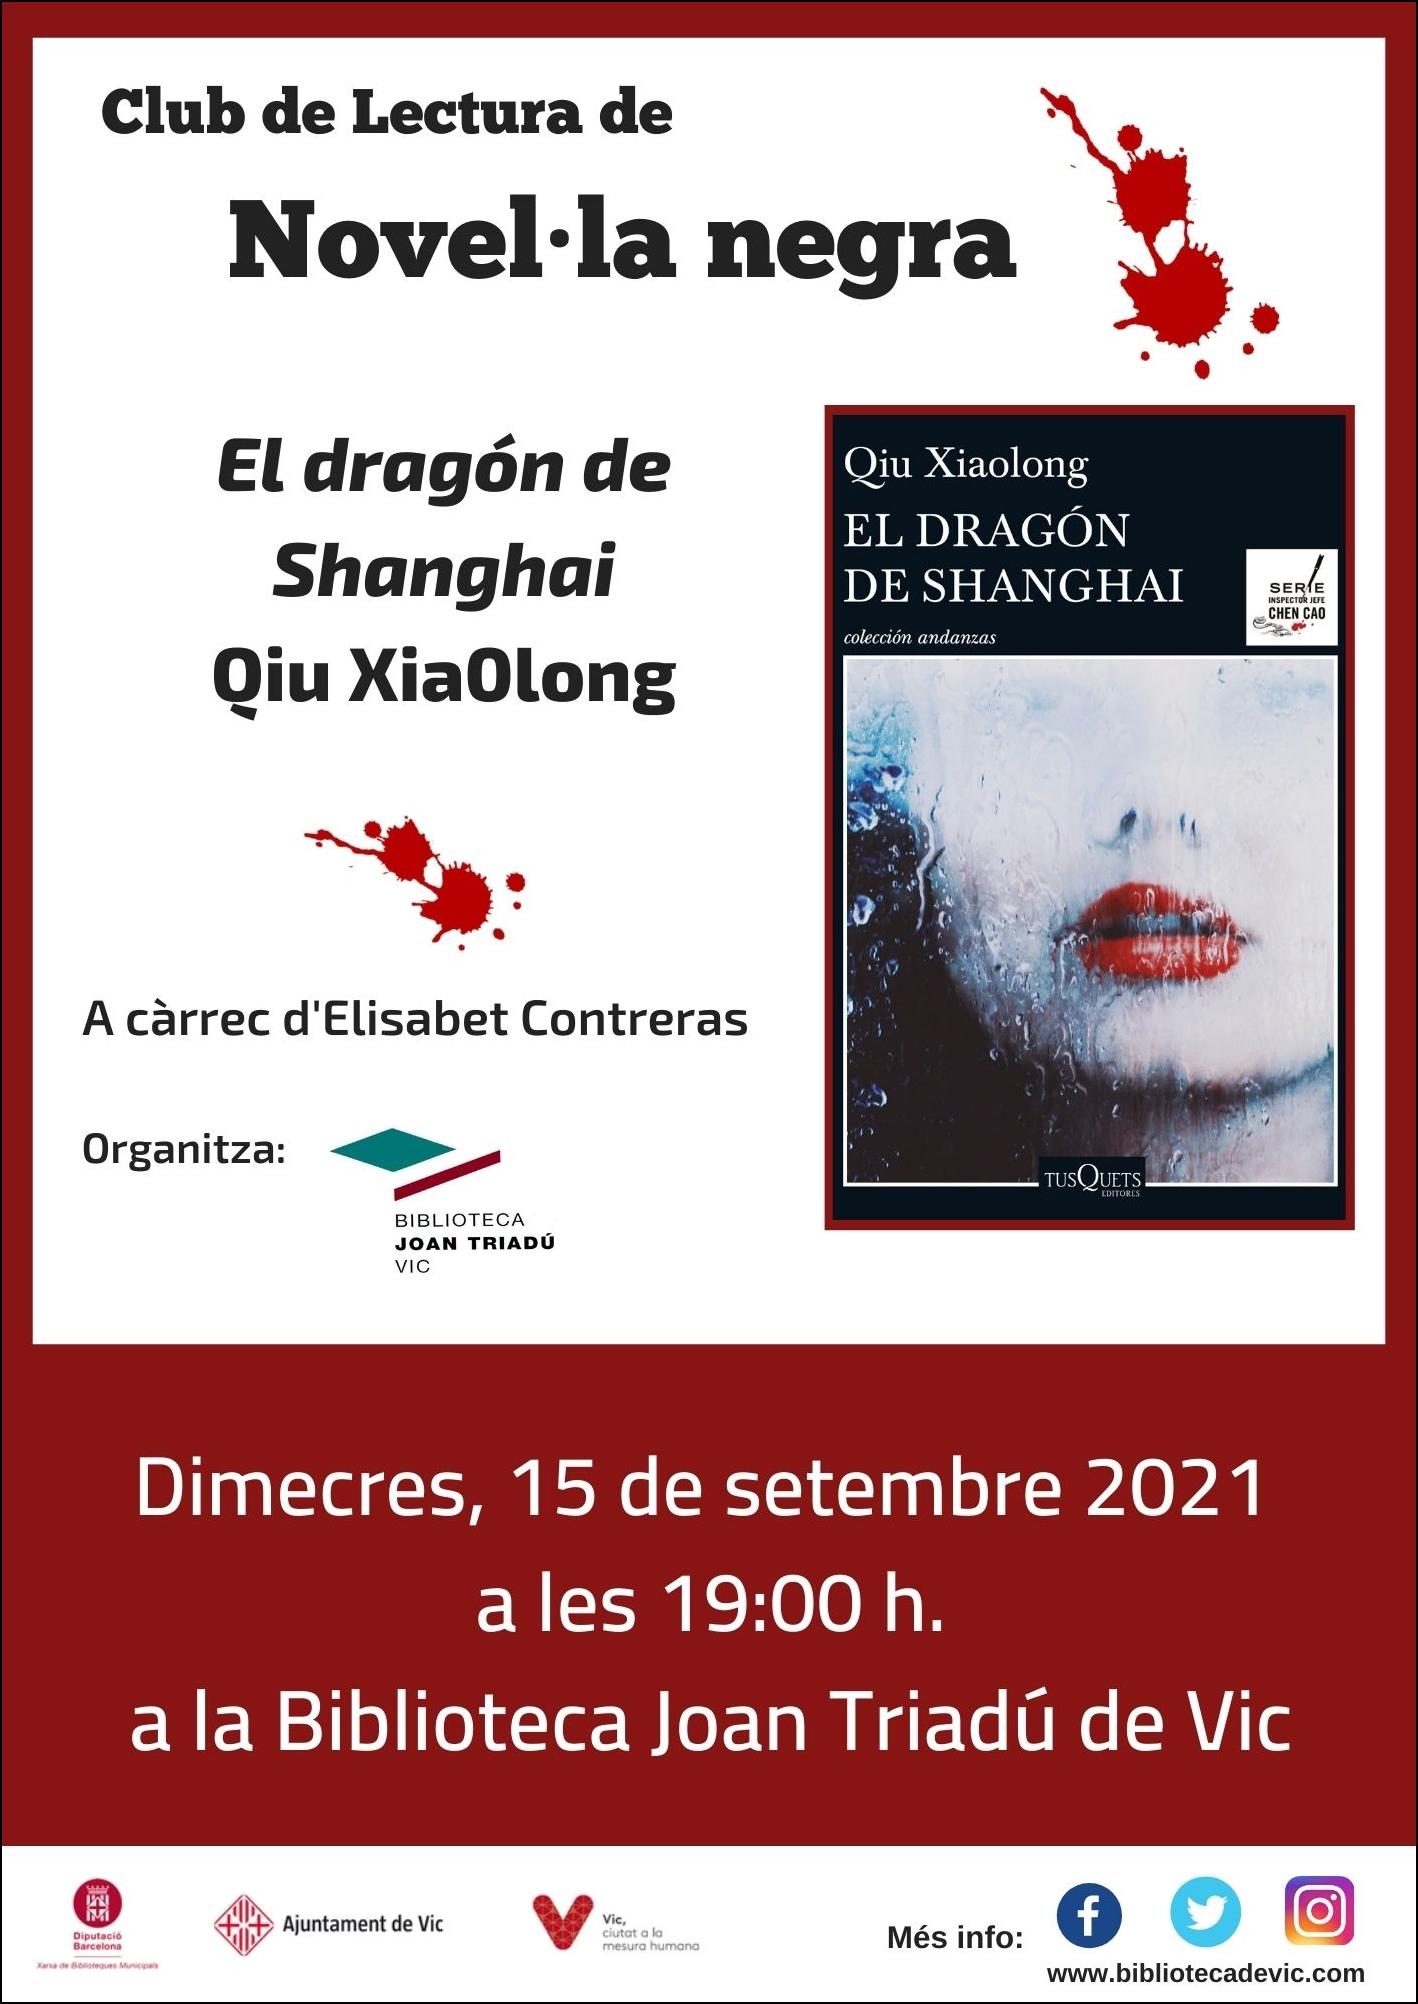 Club de lectura de novel·la negra: El Dragón de Shanghai de Qiu Xiaolong